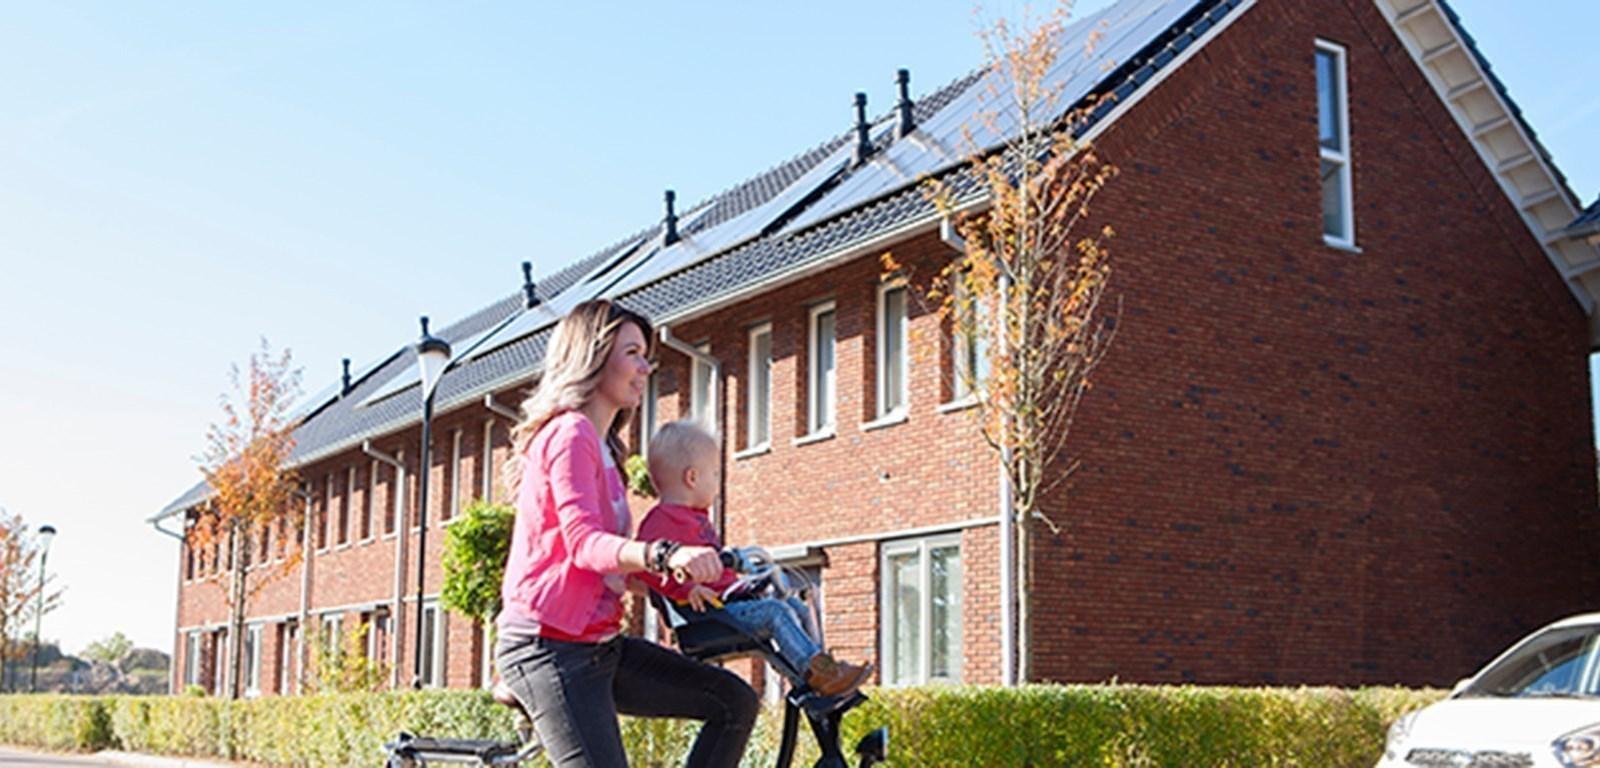 Negentien nieuwe proeftuinen aardgasvrije wijken leveren waardevolle ervaring